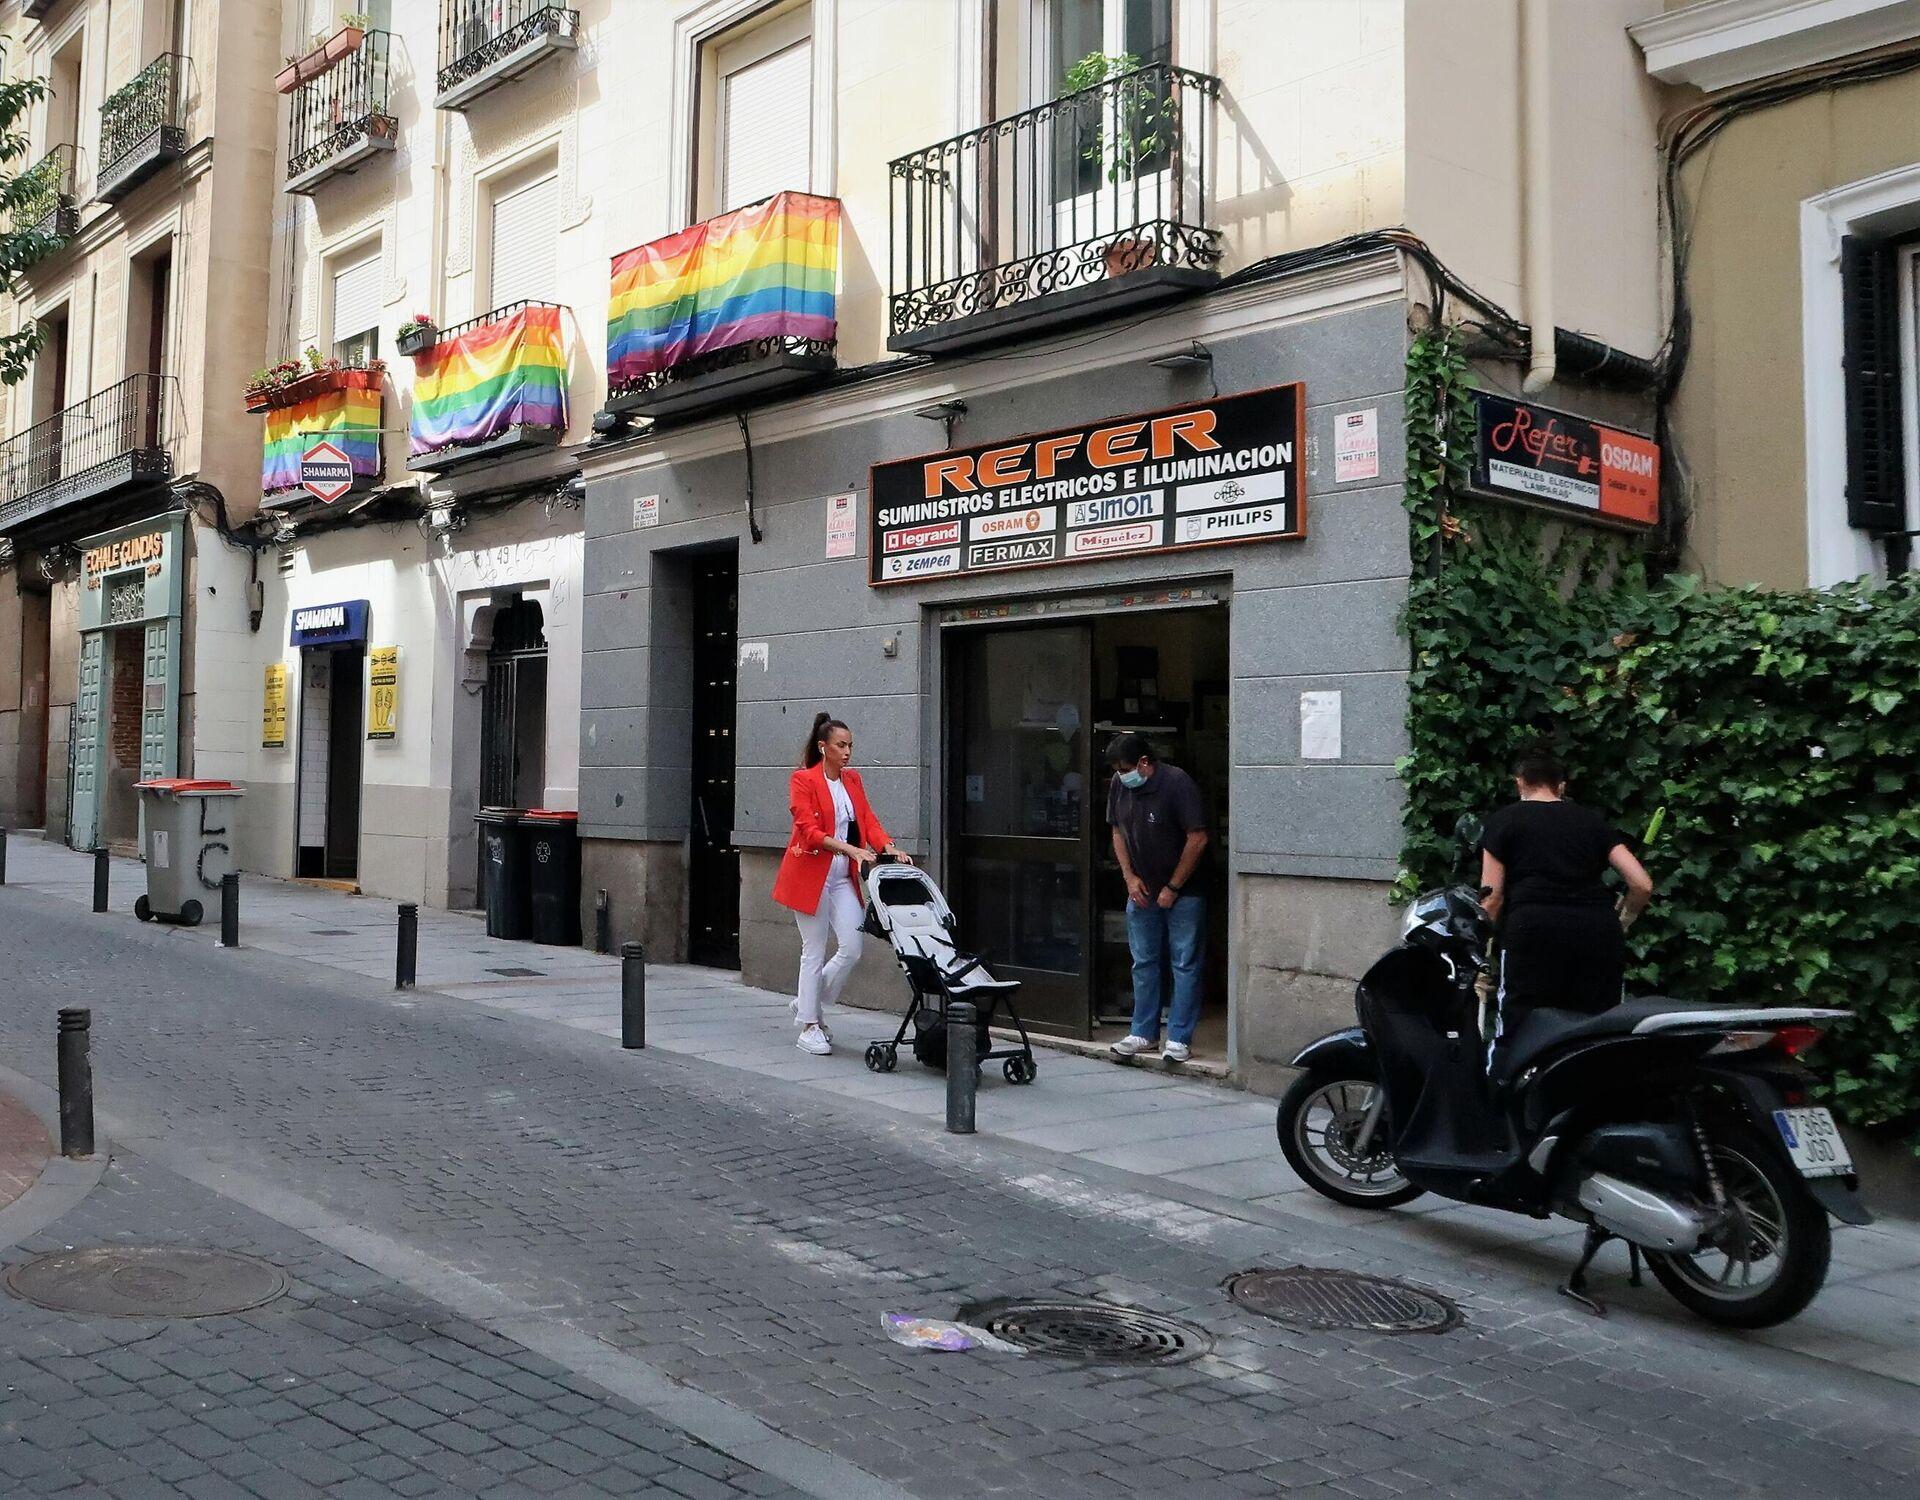 Una calle del barrio de Chueca, en Madrid, con la bandera arcoiris - Sputnik Mundo, 1920, 01.10.2021